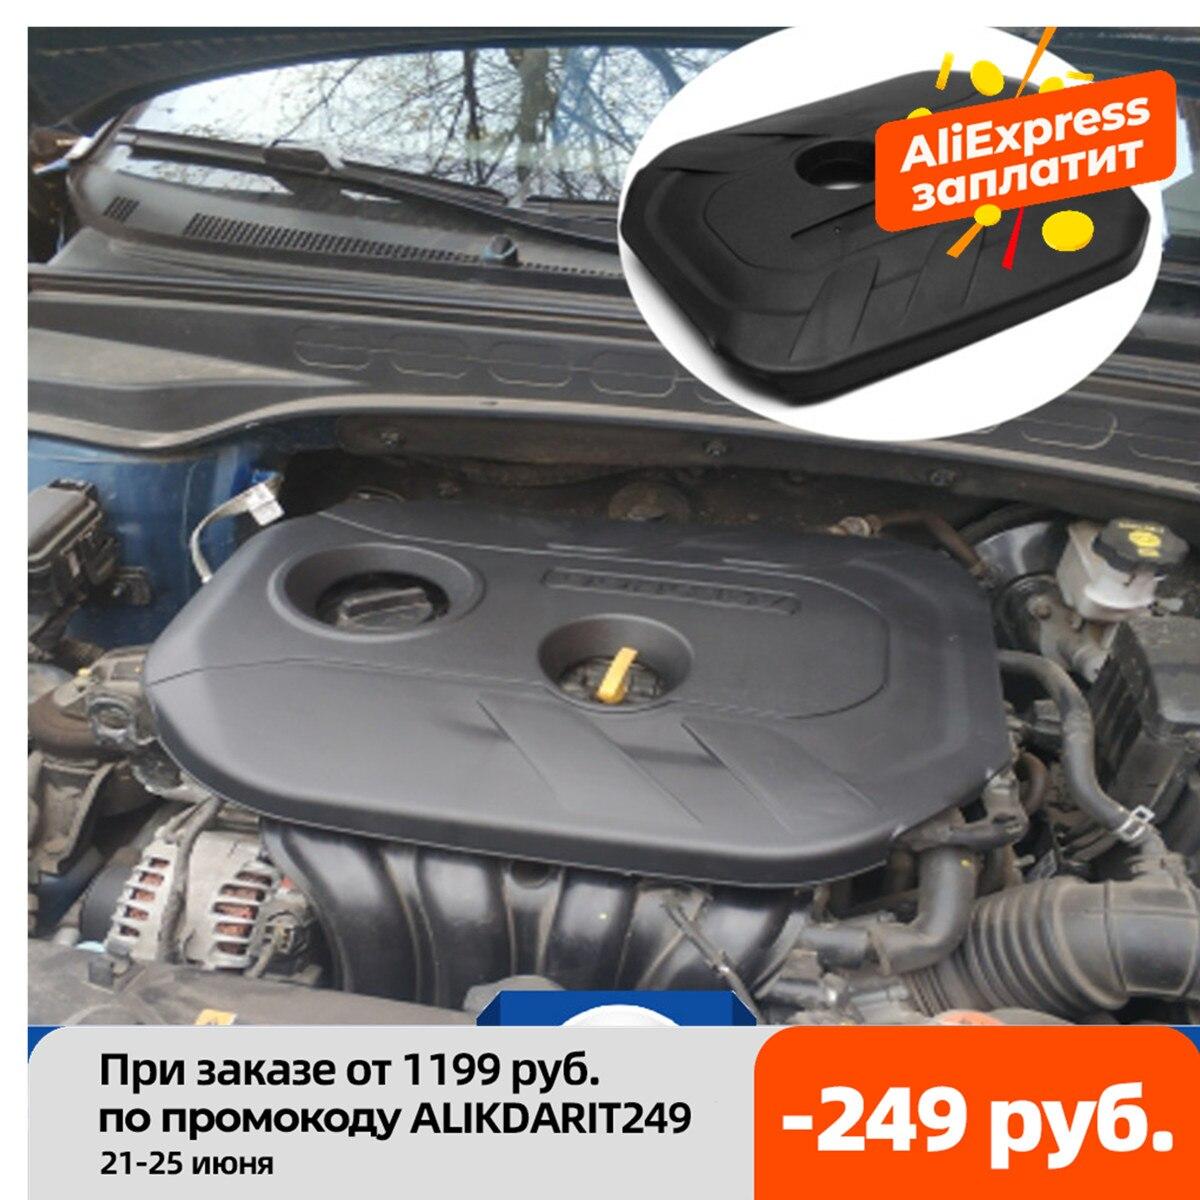 Пылезащитный чехол для автомобильного двигателя 2,0, цитируемый защитный чехол, декоративная крышка для Hyundai Creta IX25 2015 2016 2017 2018 2019